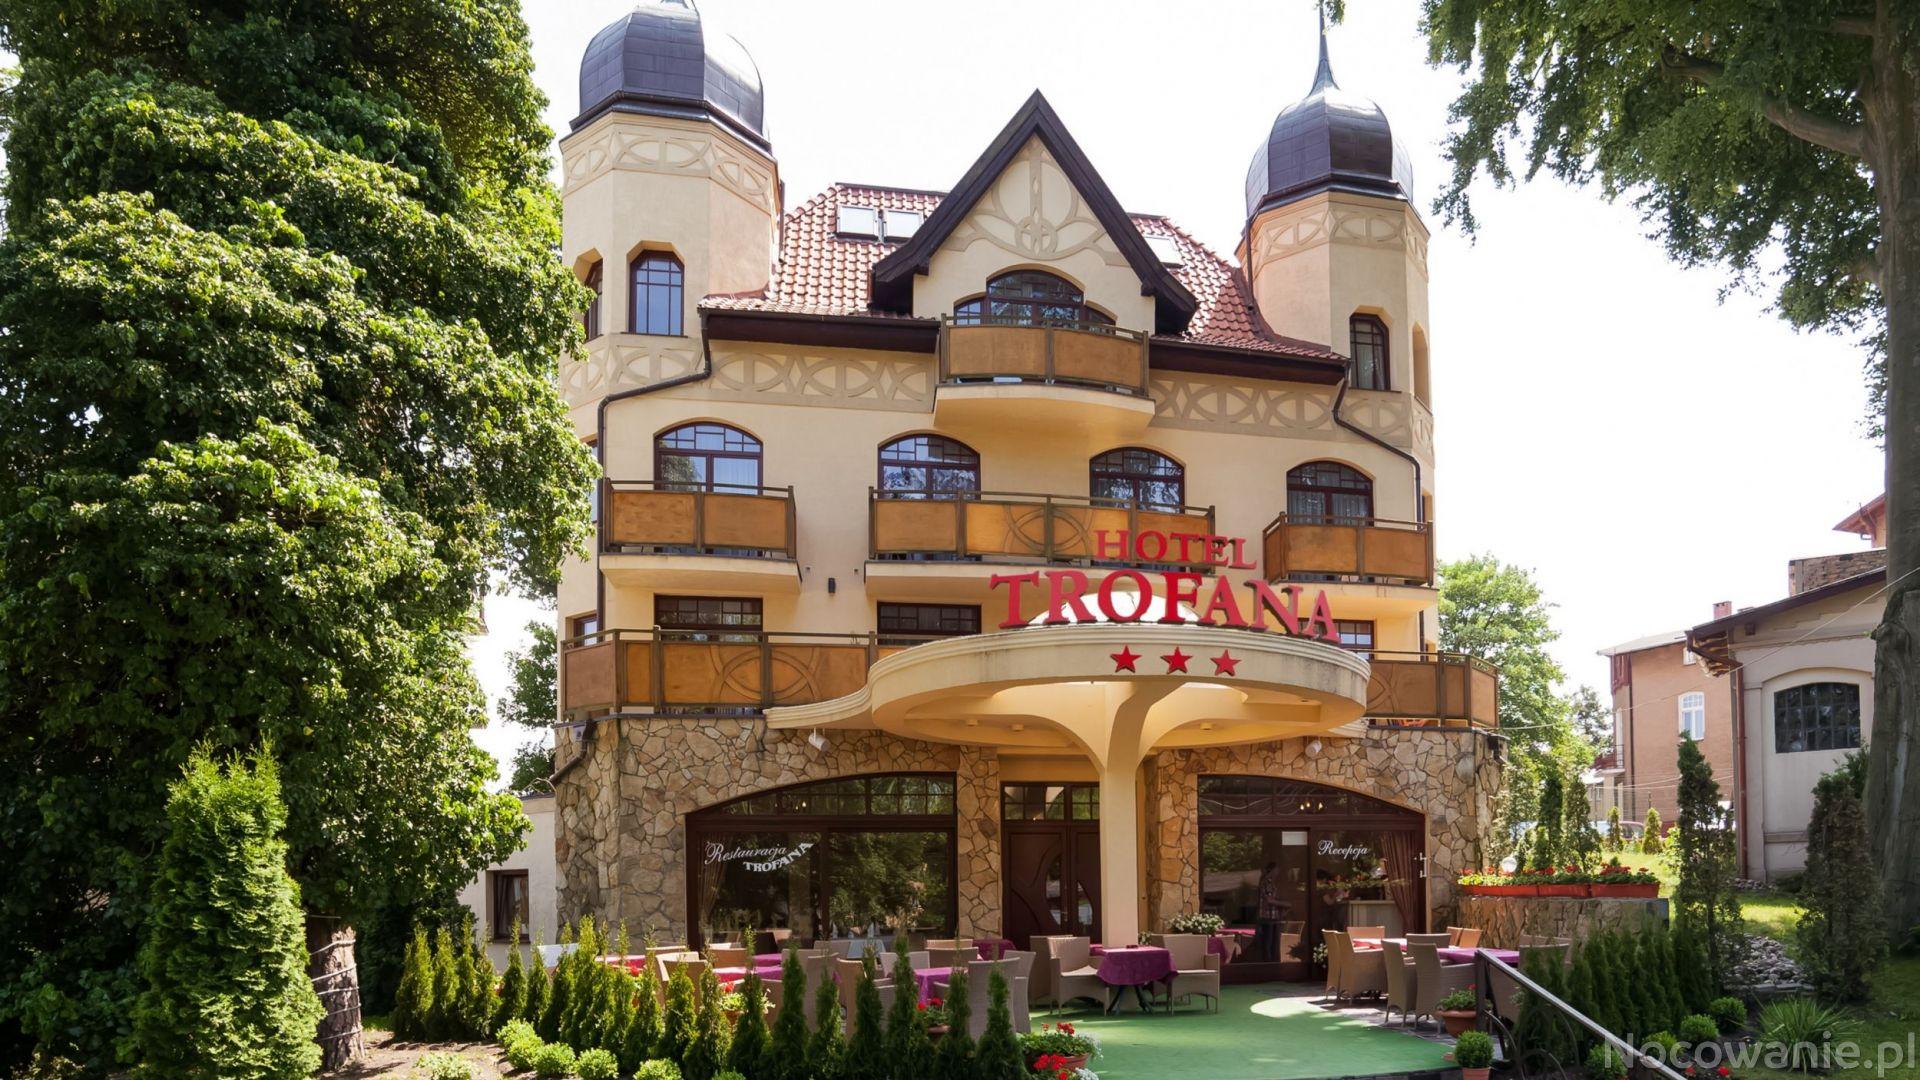 Hotel Trofana Wellness Spa Miedzyzdroje